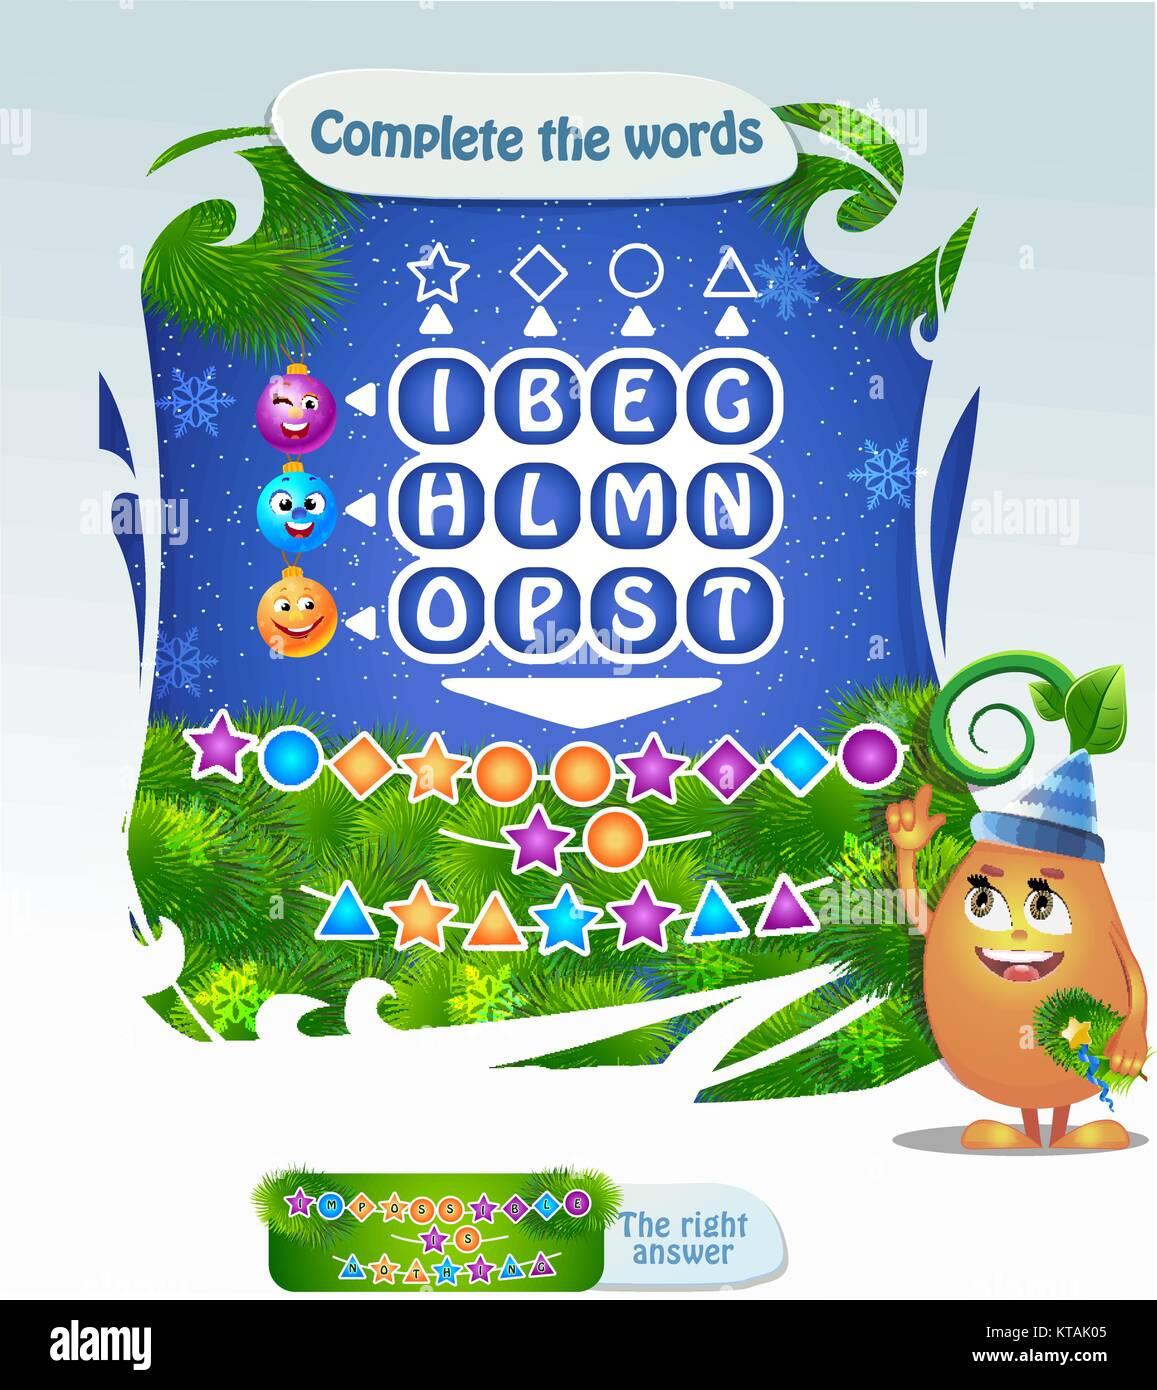 Worte Puzzle Lernspiel Fur Kinder Aufgabe Vollstandige